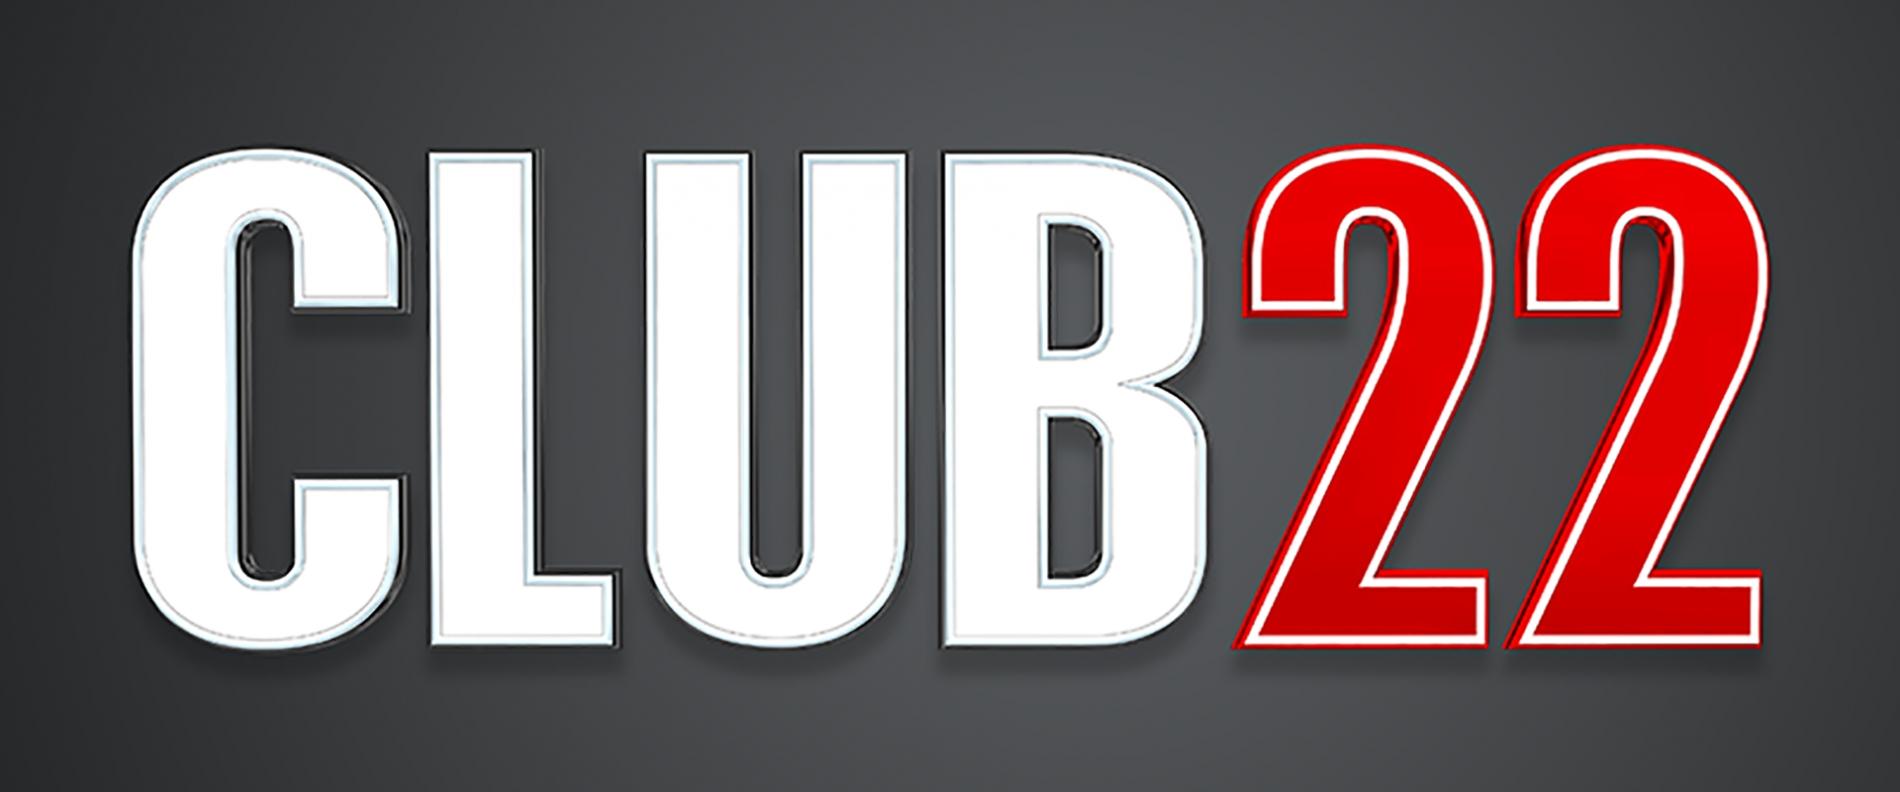 Αποτέλεσμα εικόνας για club22 2019